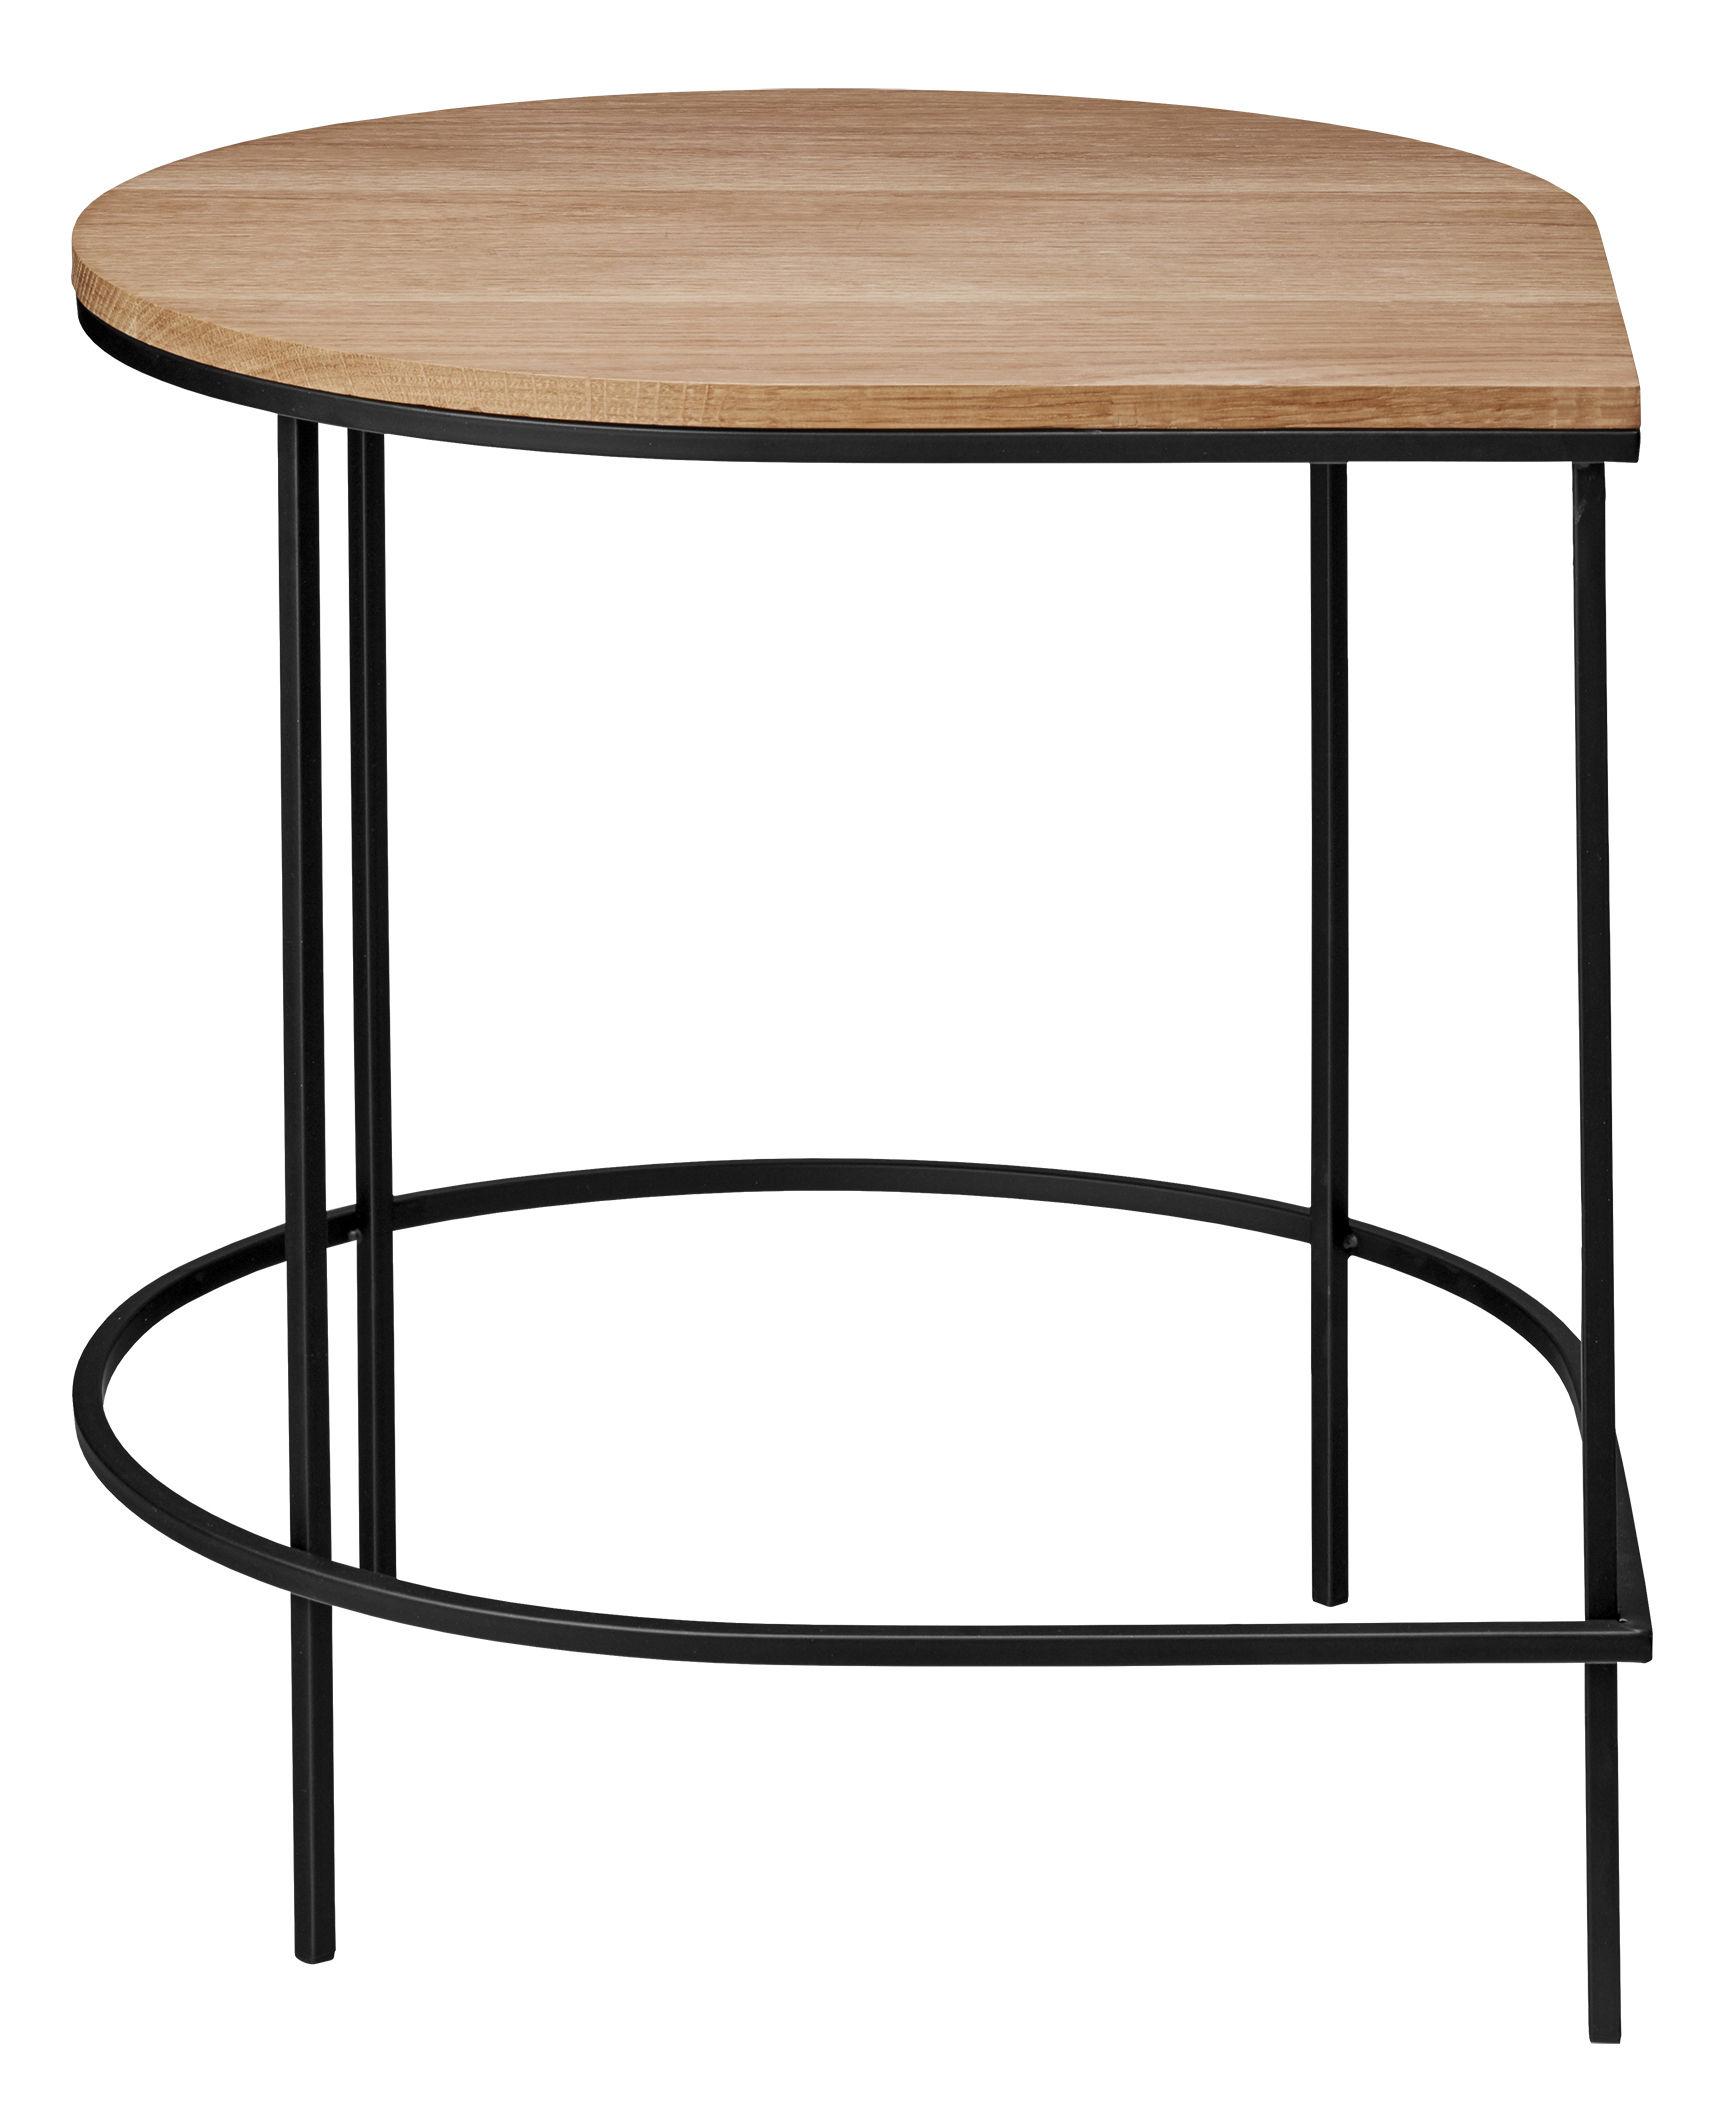 Arredamento - Tavolini  - Tavolino d'appoggio Stilla - / Top rovere - H 50 cm di AYTM - Rovere naturale / Gamba nera - Ferro dipinto, Rovere oliato